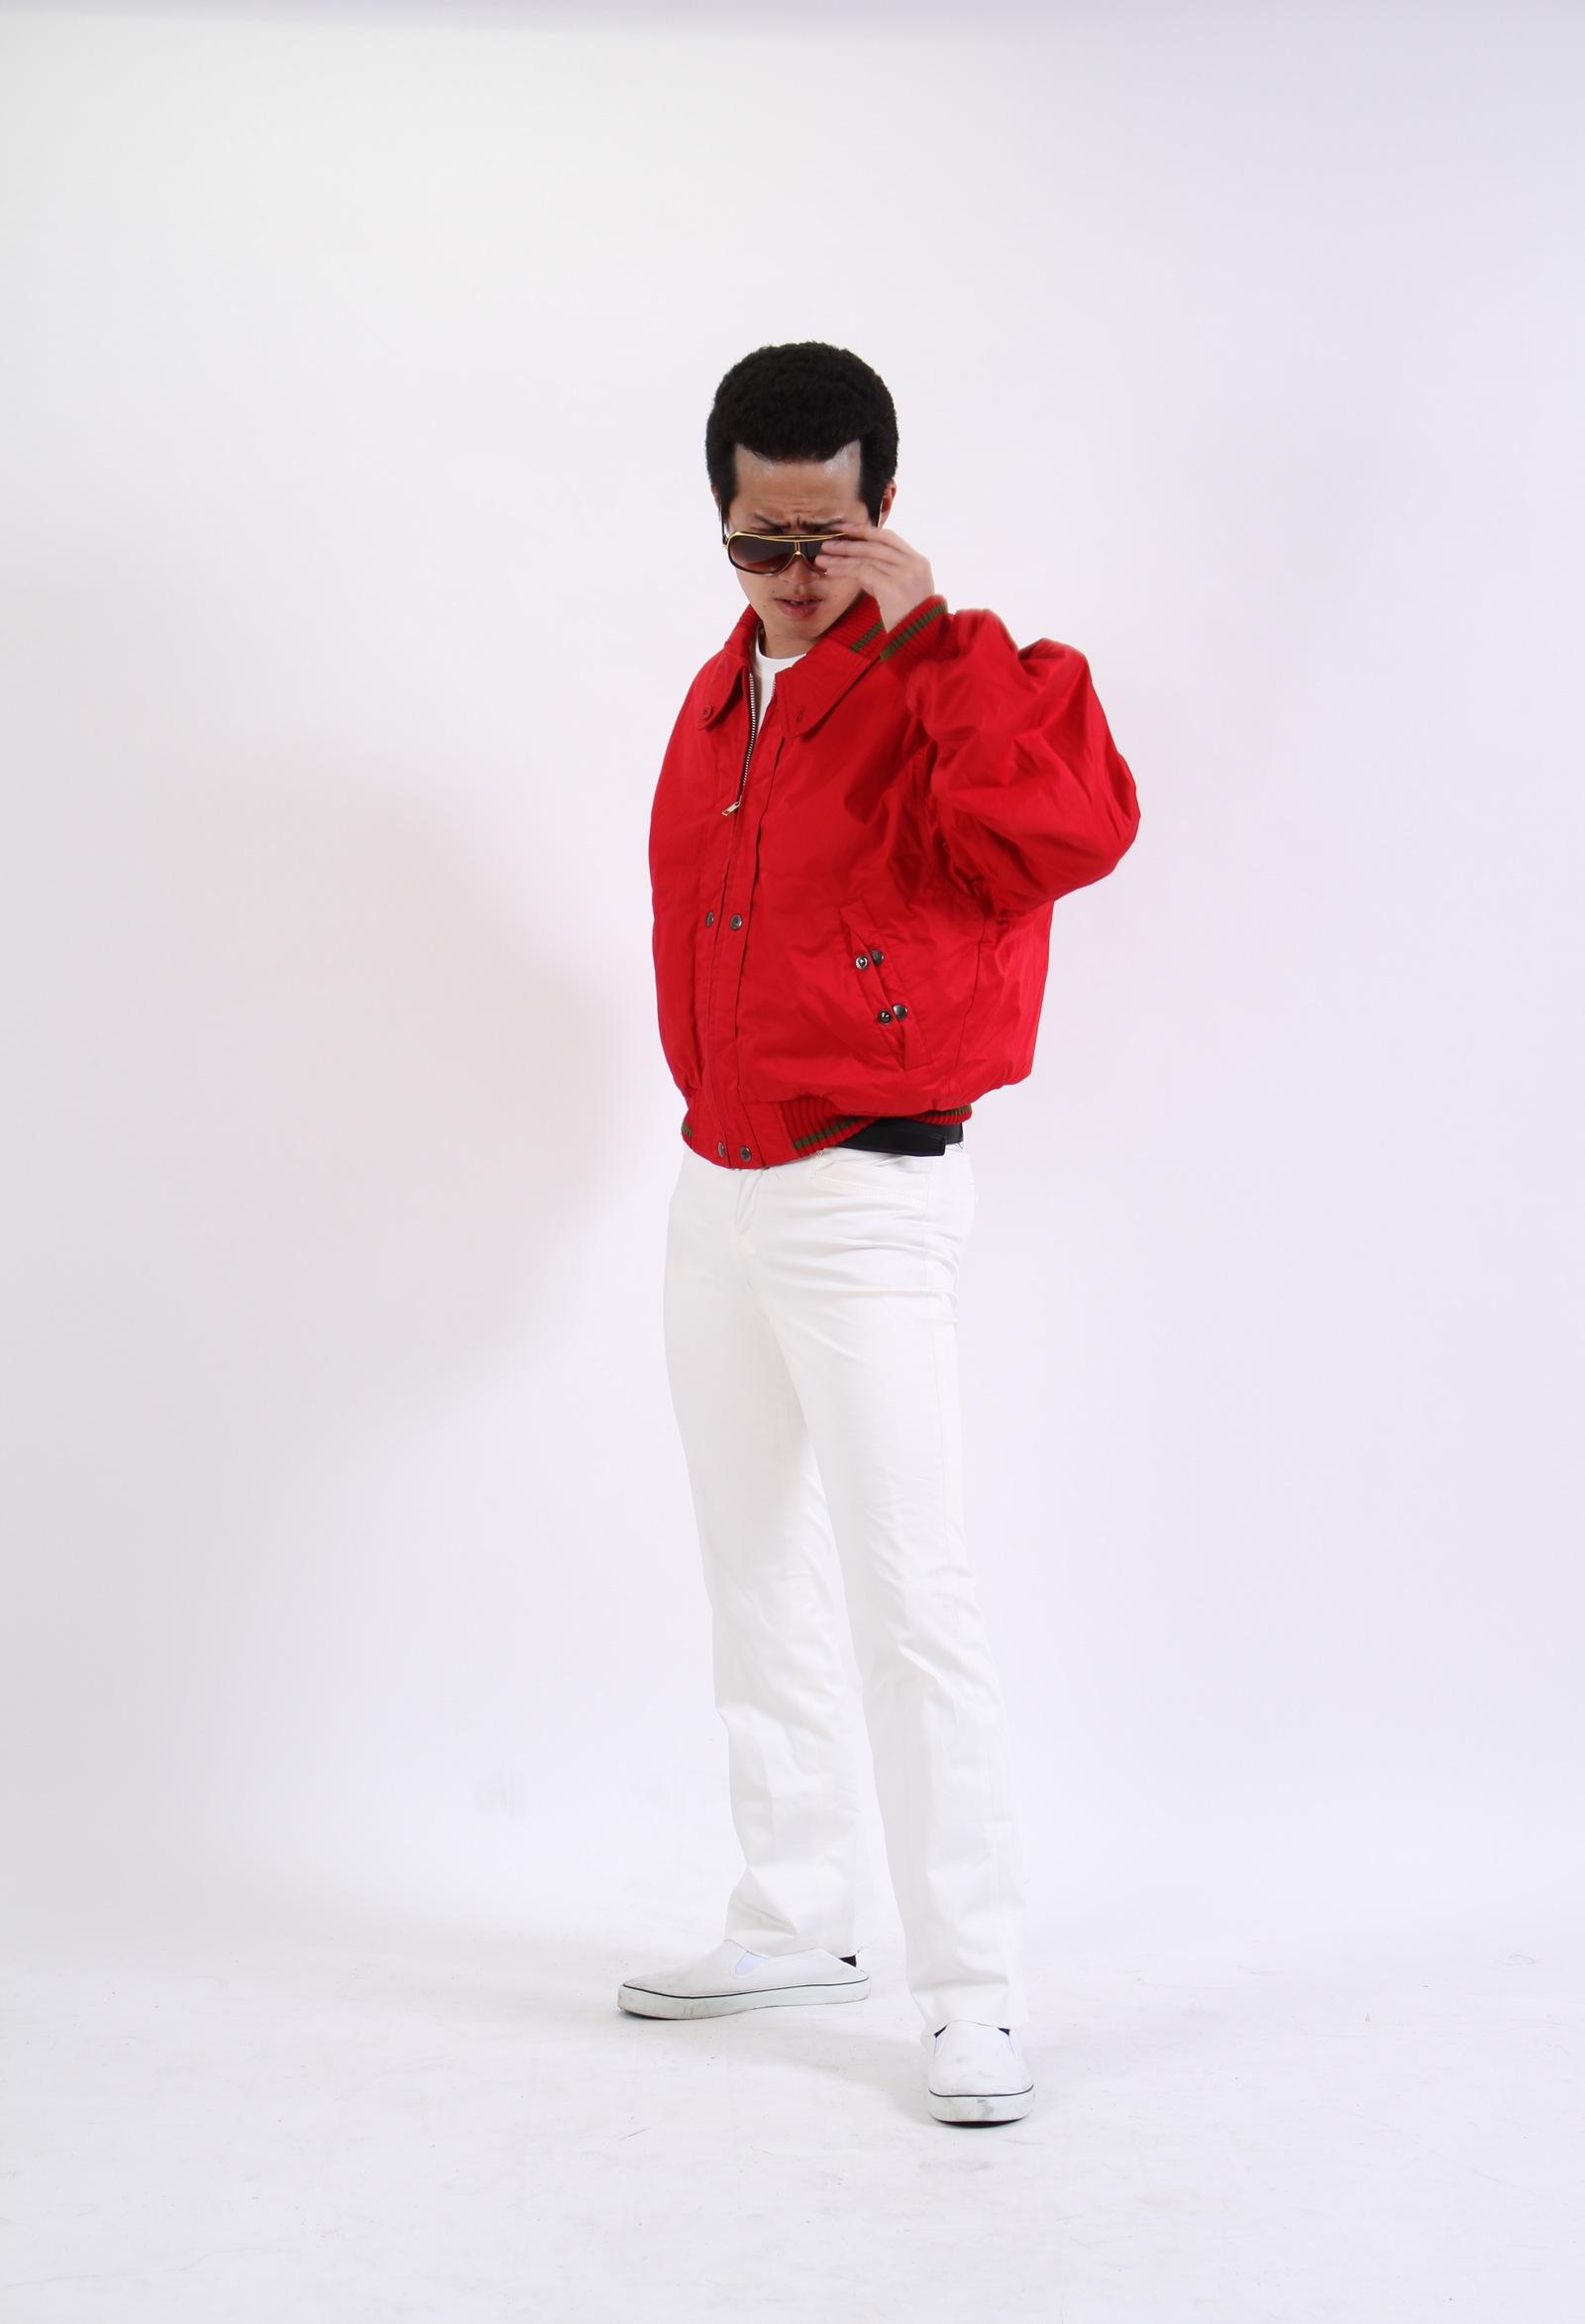 [02]どおりでジャケットだと暑いと思った。,シニア,写真,画像,素材,老人,高齢者,フリー